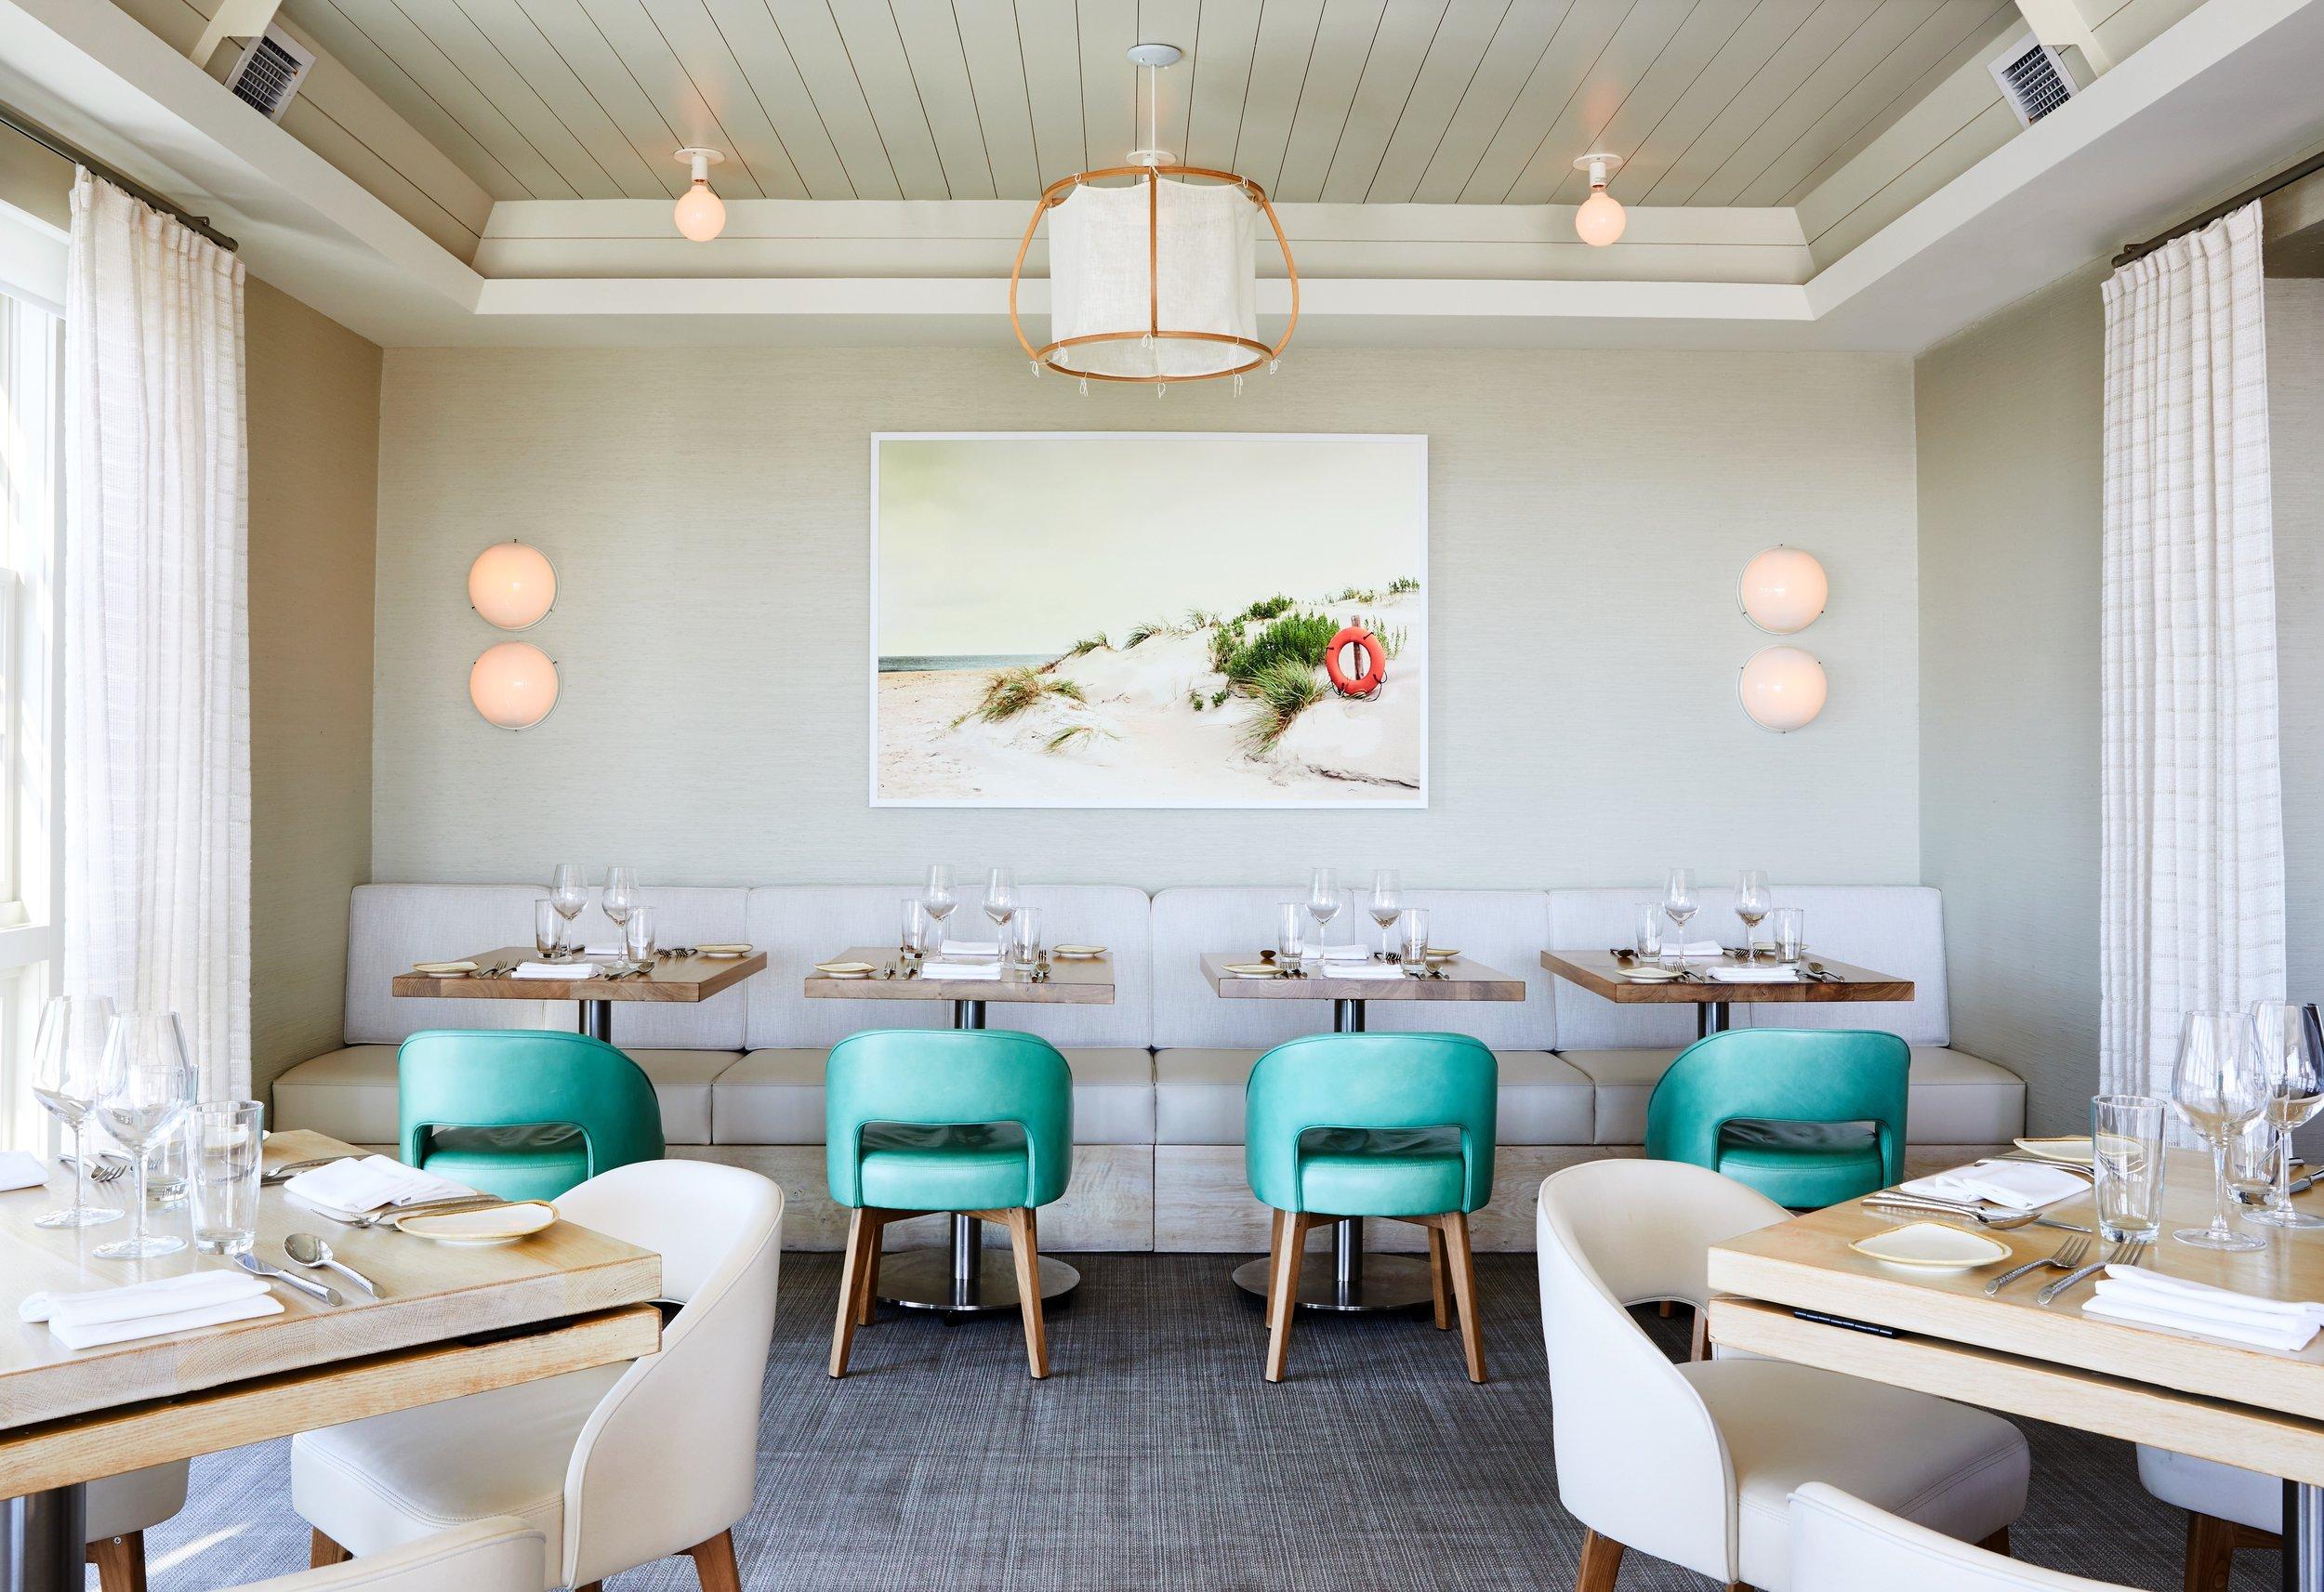 Pescado | Smith Hanes. Main Dining Room